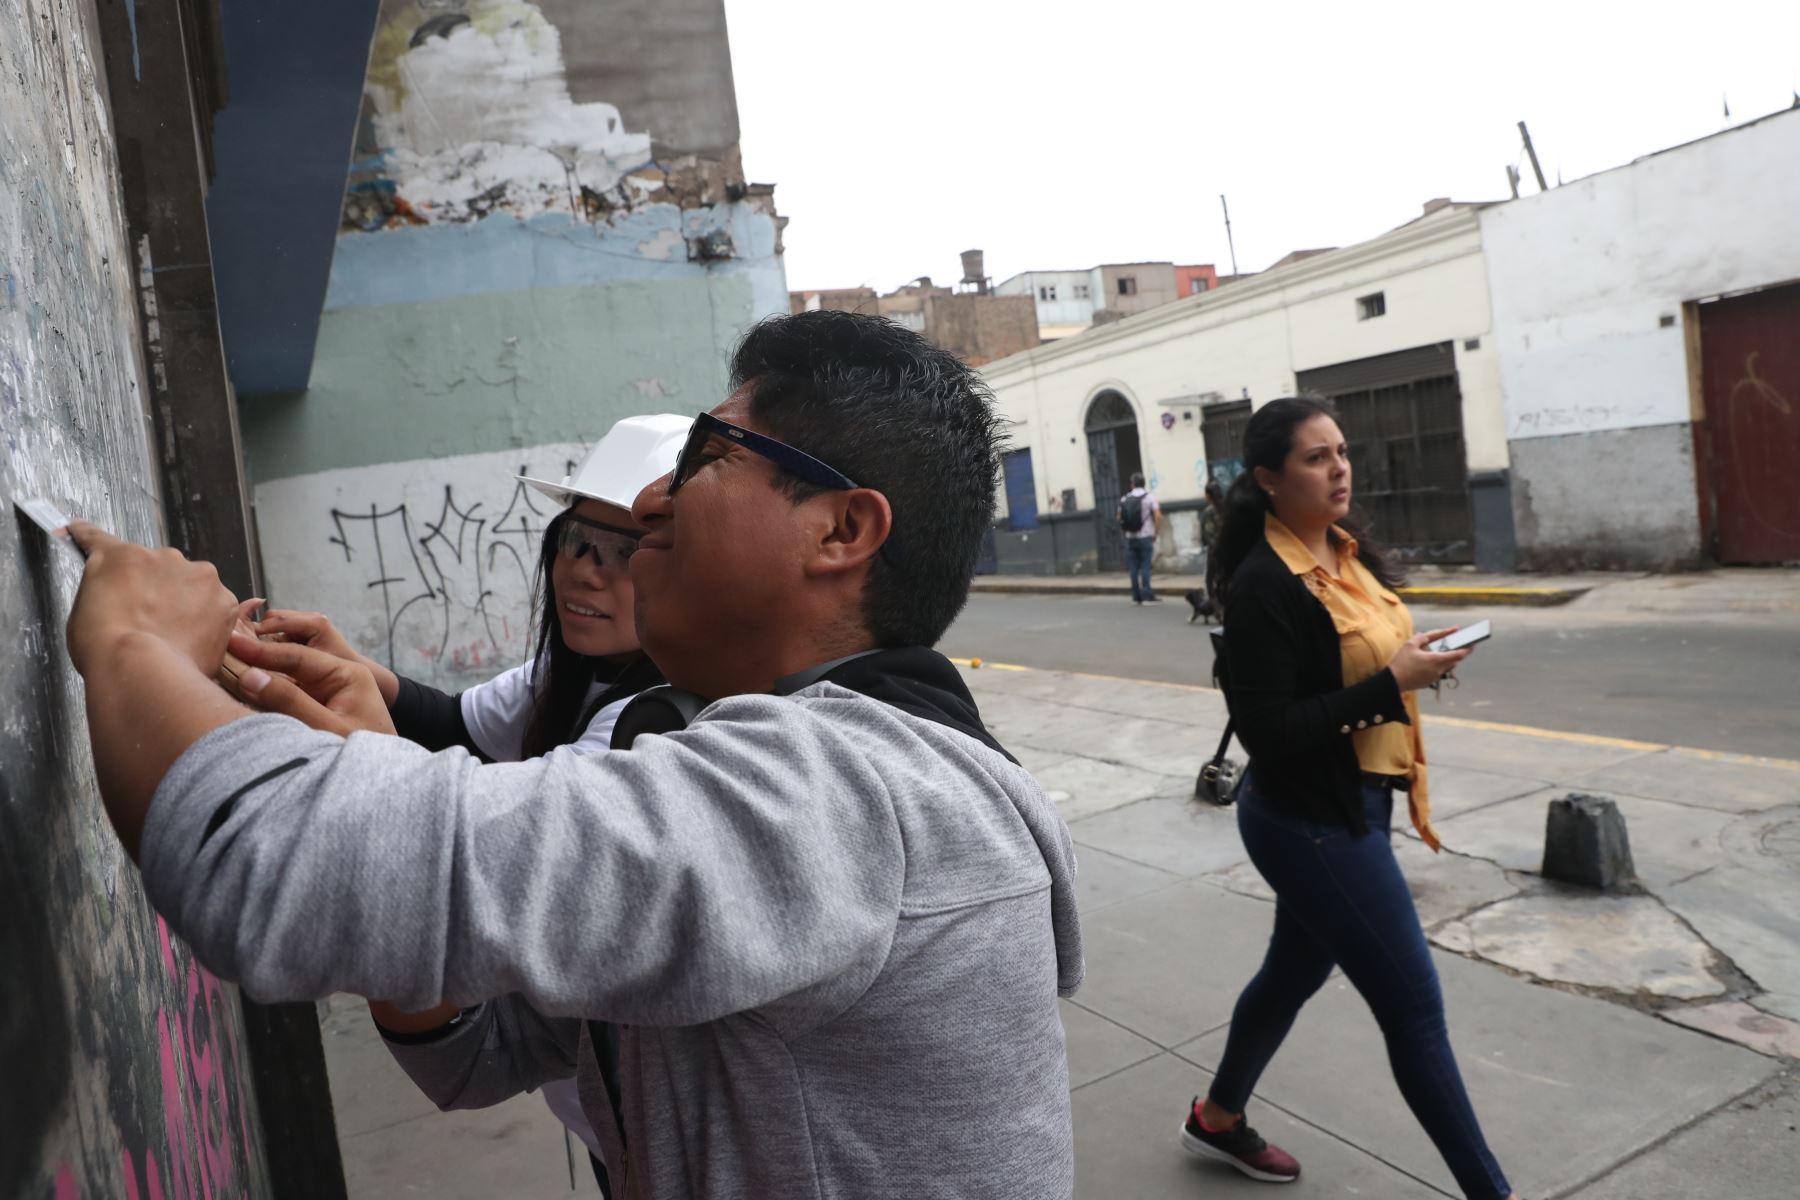 Voluntarios trabajan en el operativo de limpieza y salud pública que realiza la Municipalidad de Lima en Jr.  Quilca. Foto: ANDINA/Melina Mejía